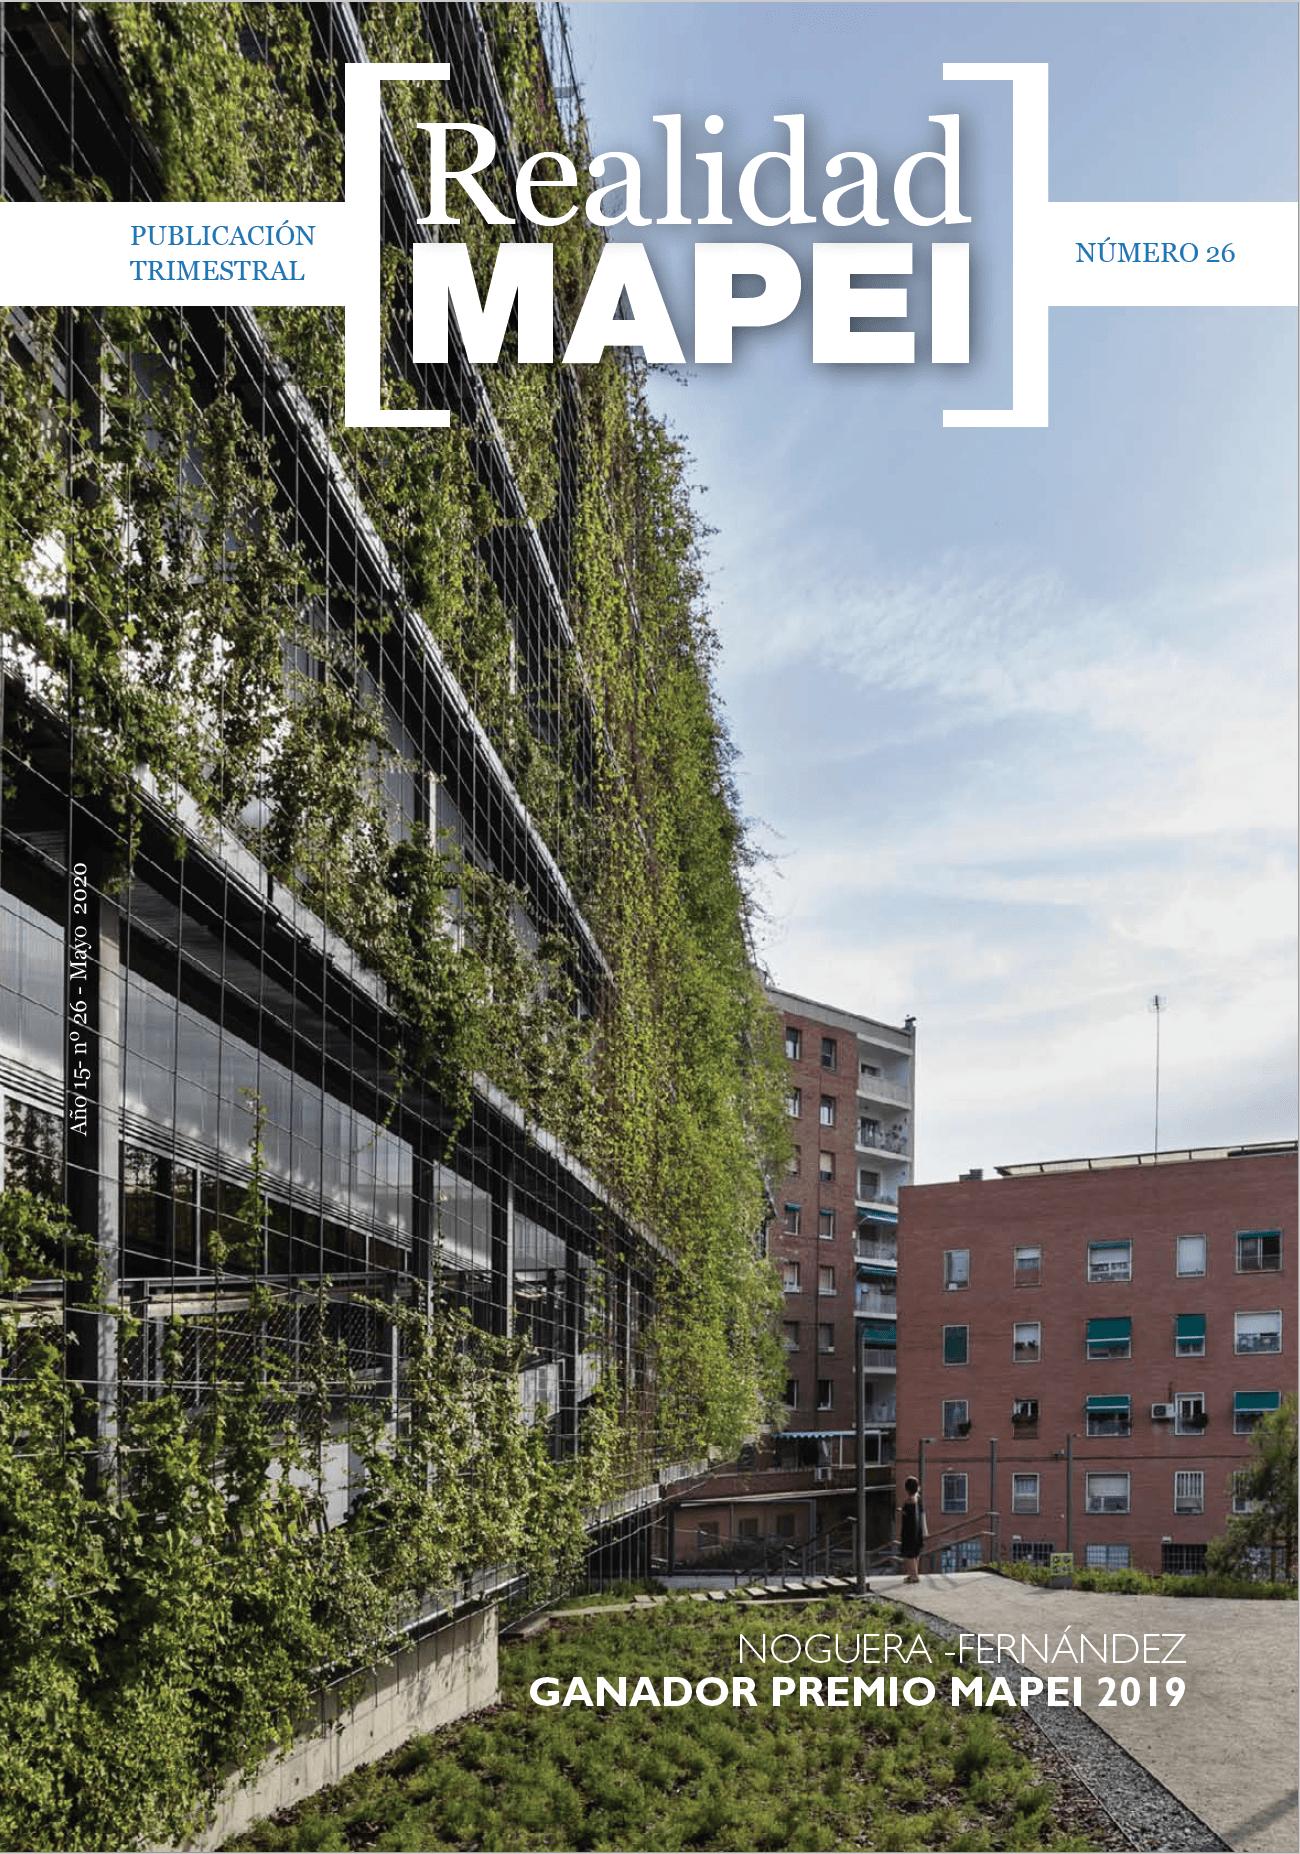 Publicado el número 26 de la revista Realidad Mapei especial sobre el Premio Mapei 2019